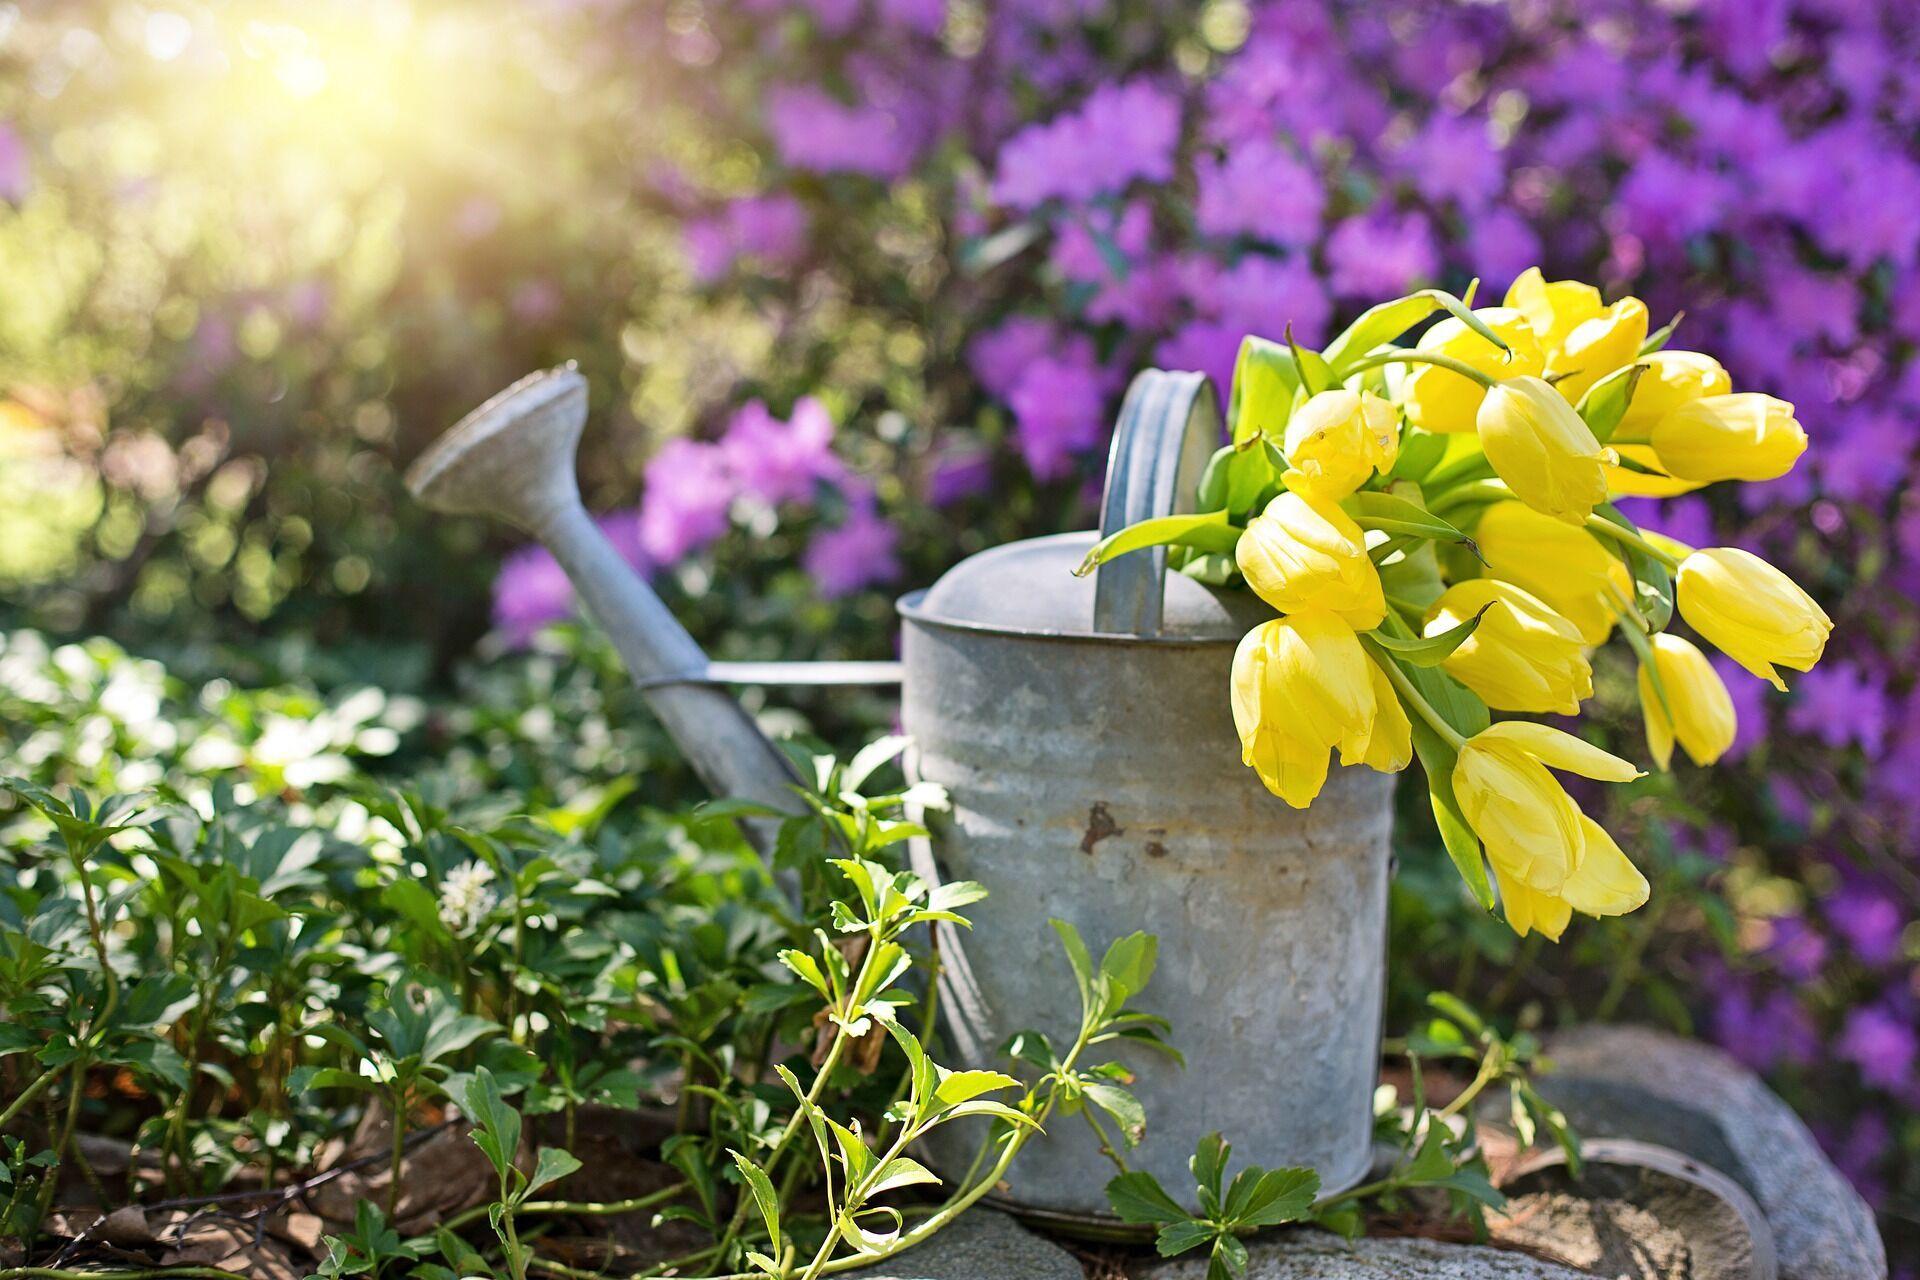 Місячний посівний календар на червень 2021 року допоможе розпланувати роботи в саду і городі